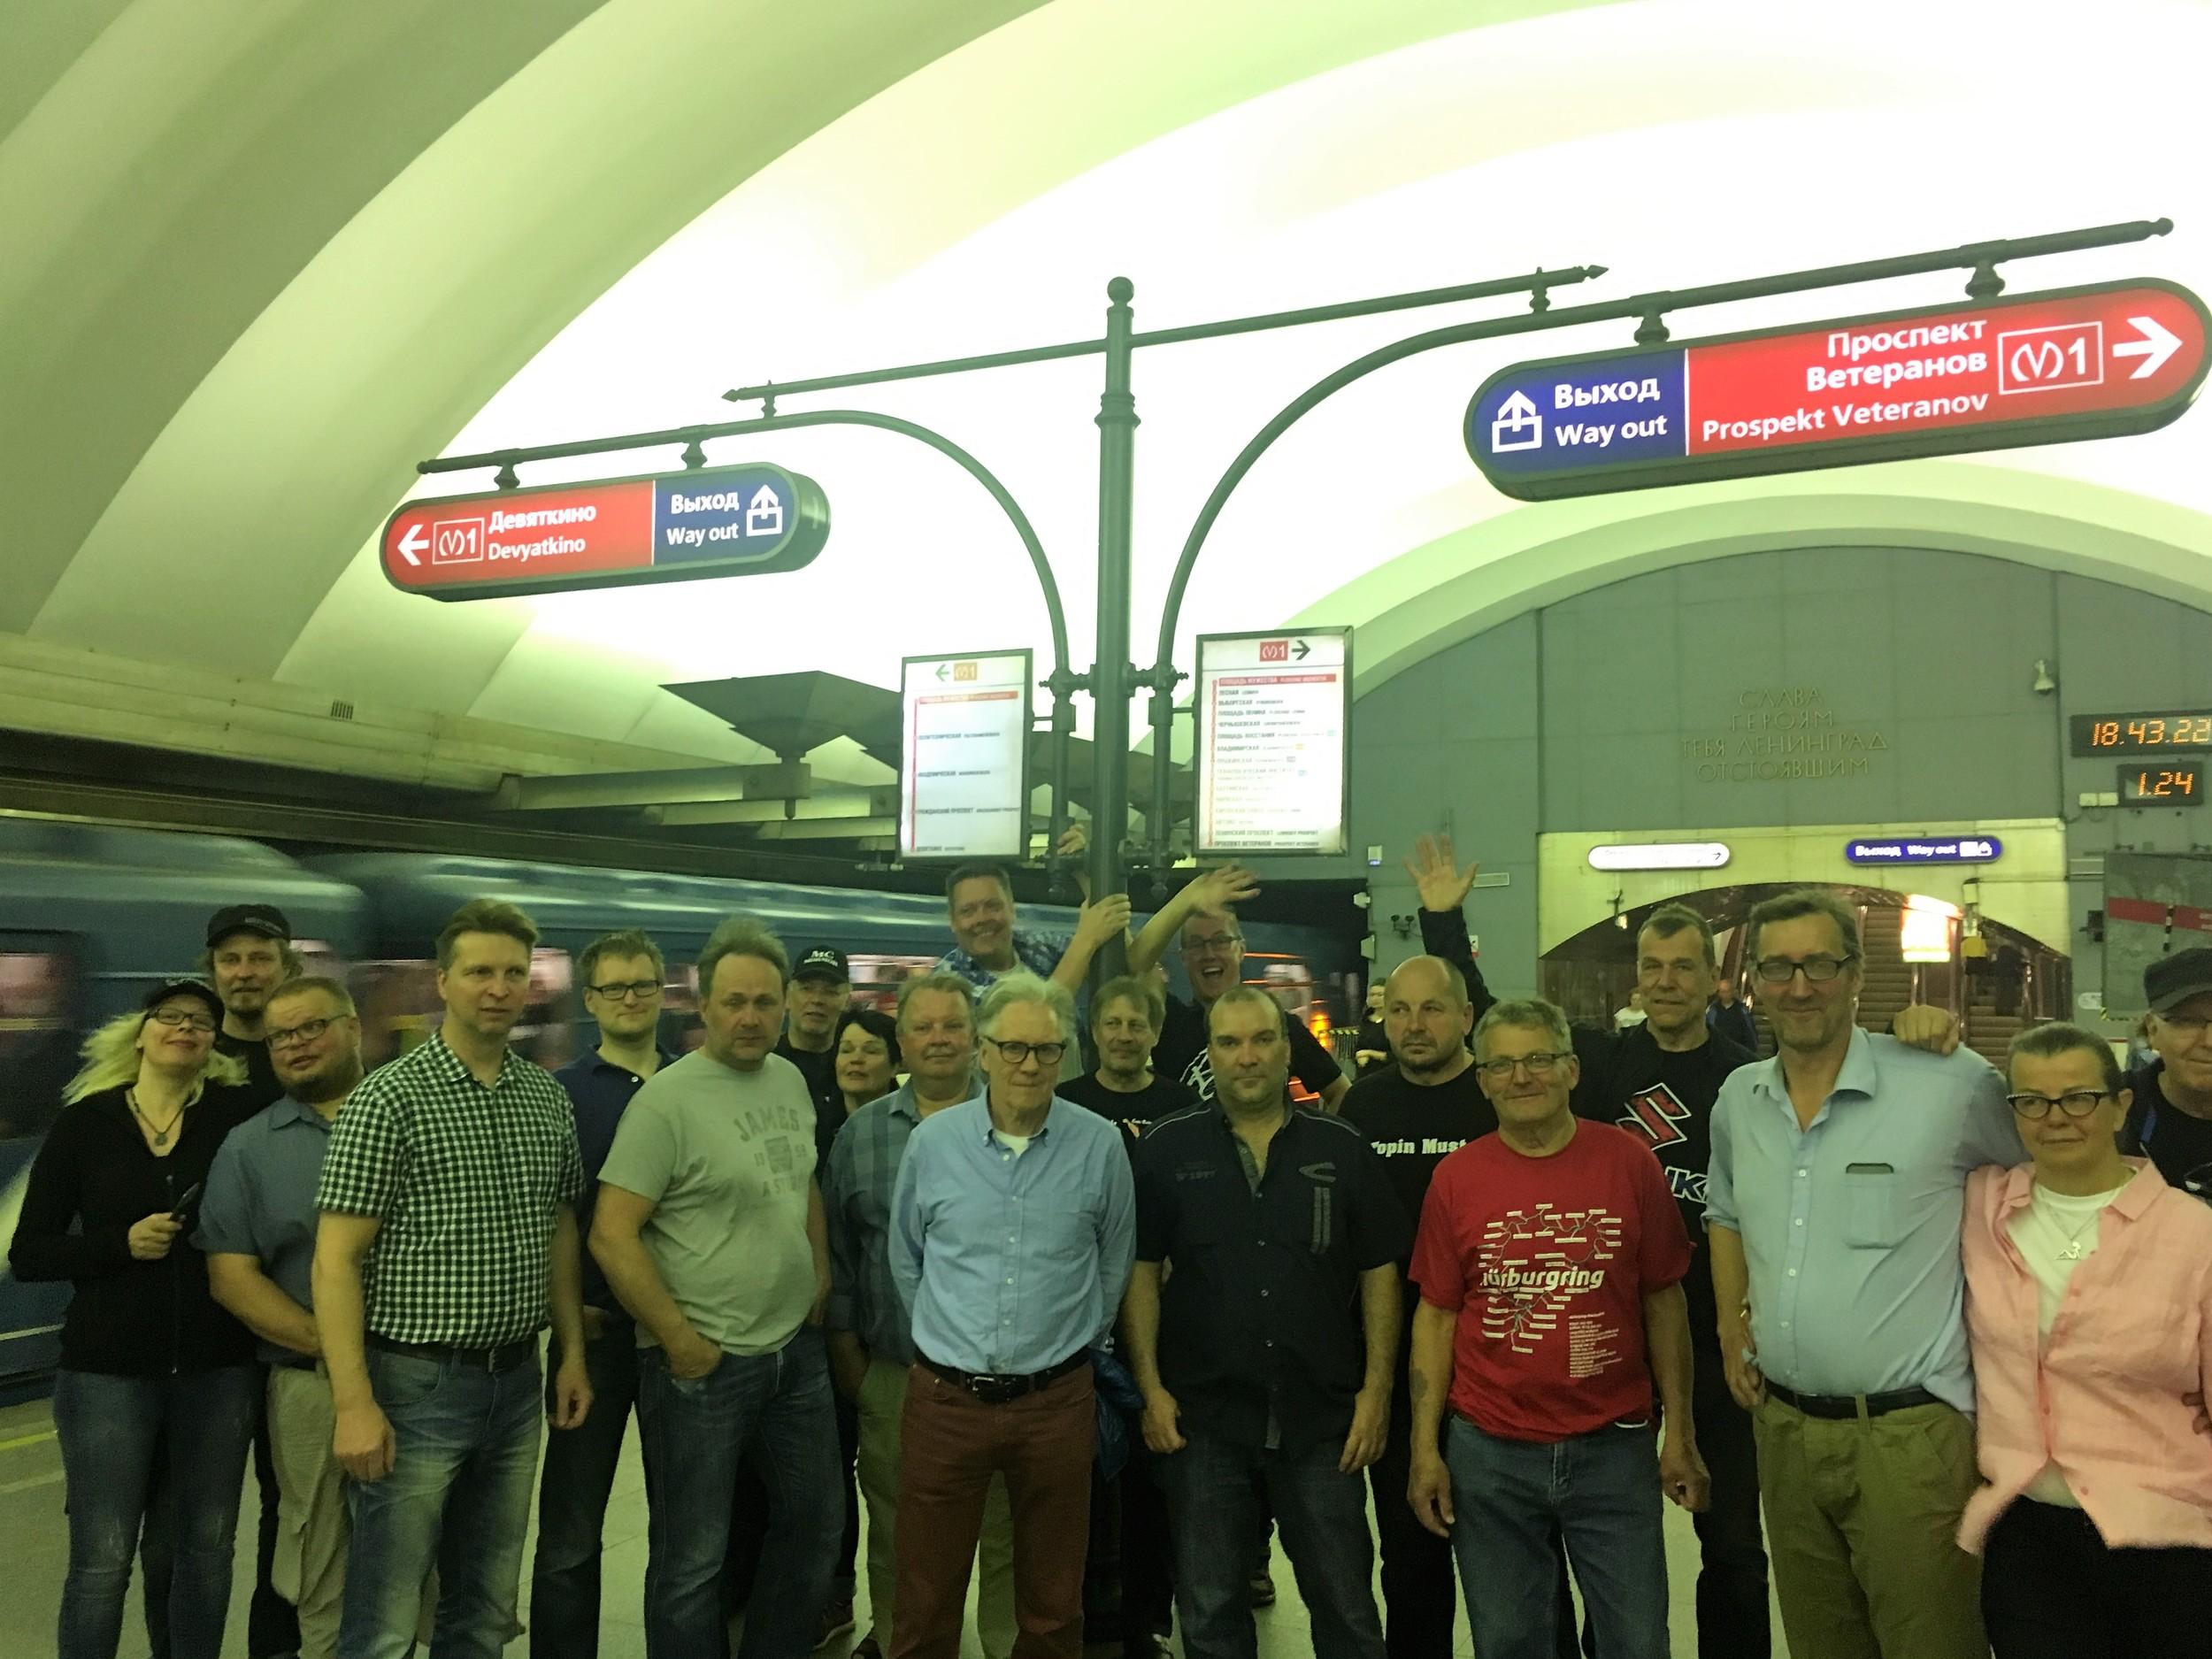 Ryhmäkuva Pietarin Metrossa